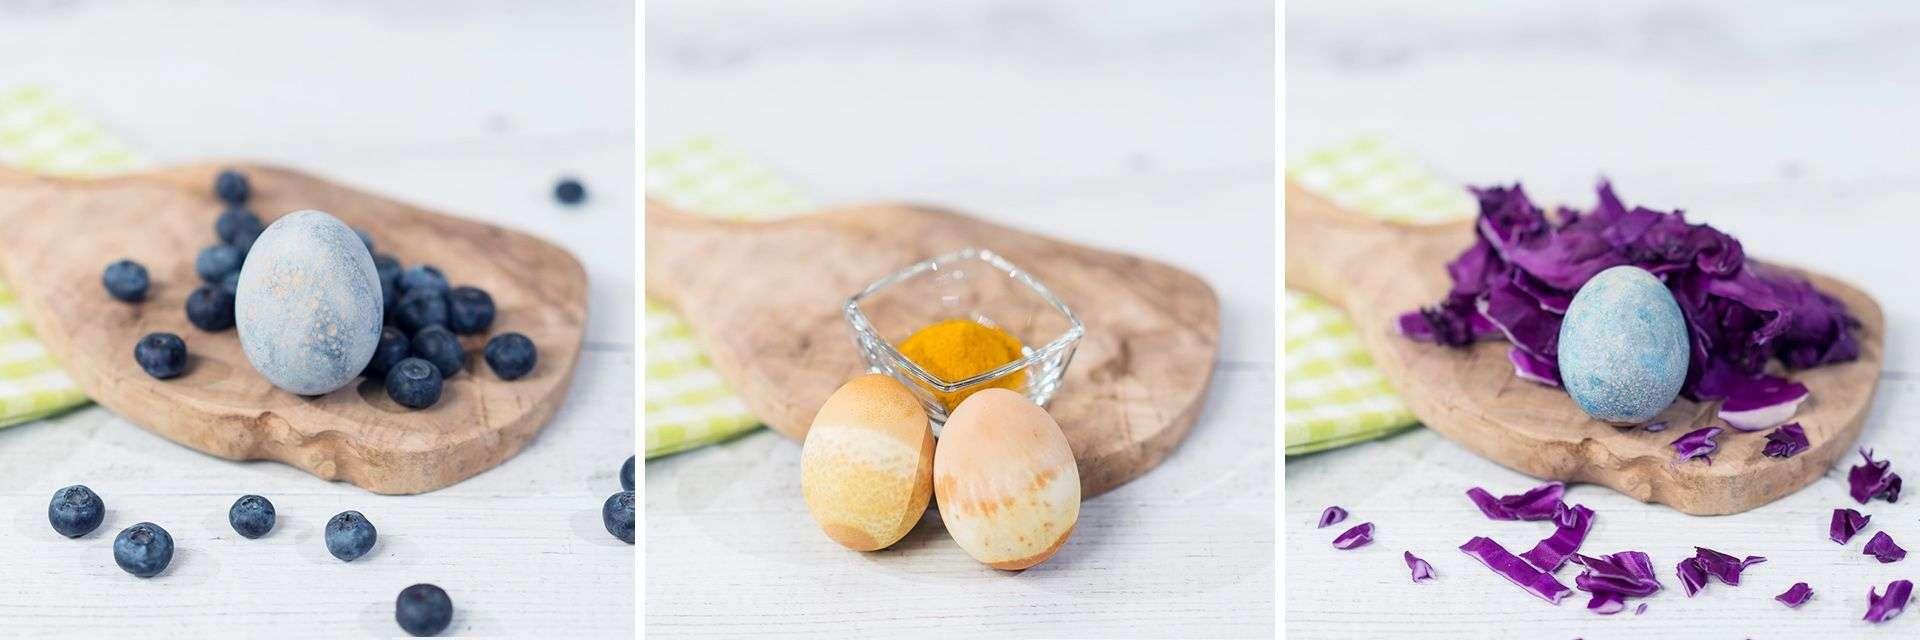 Gafärbte Eier mit natürliche Lebensmittelfarben von Lidl Österreich